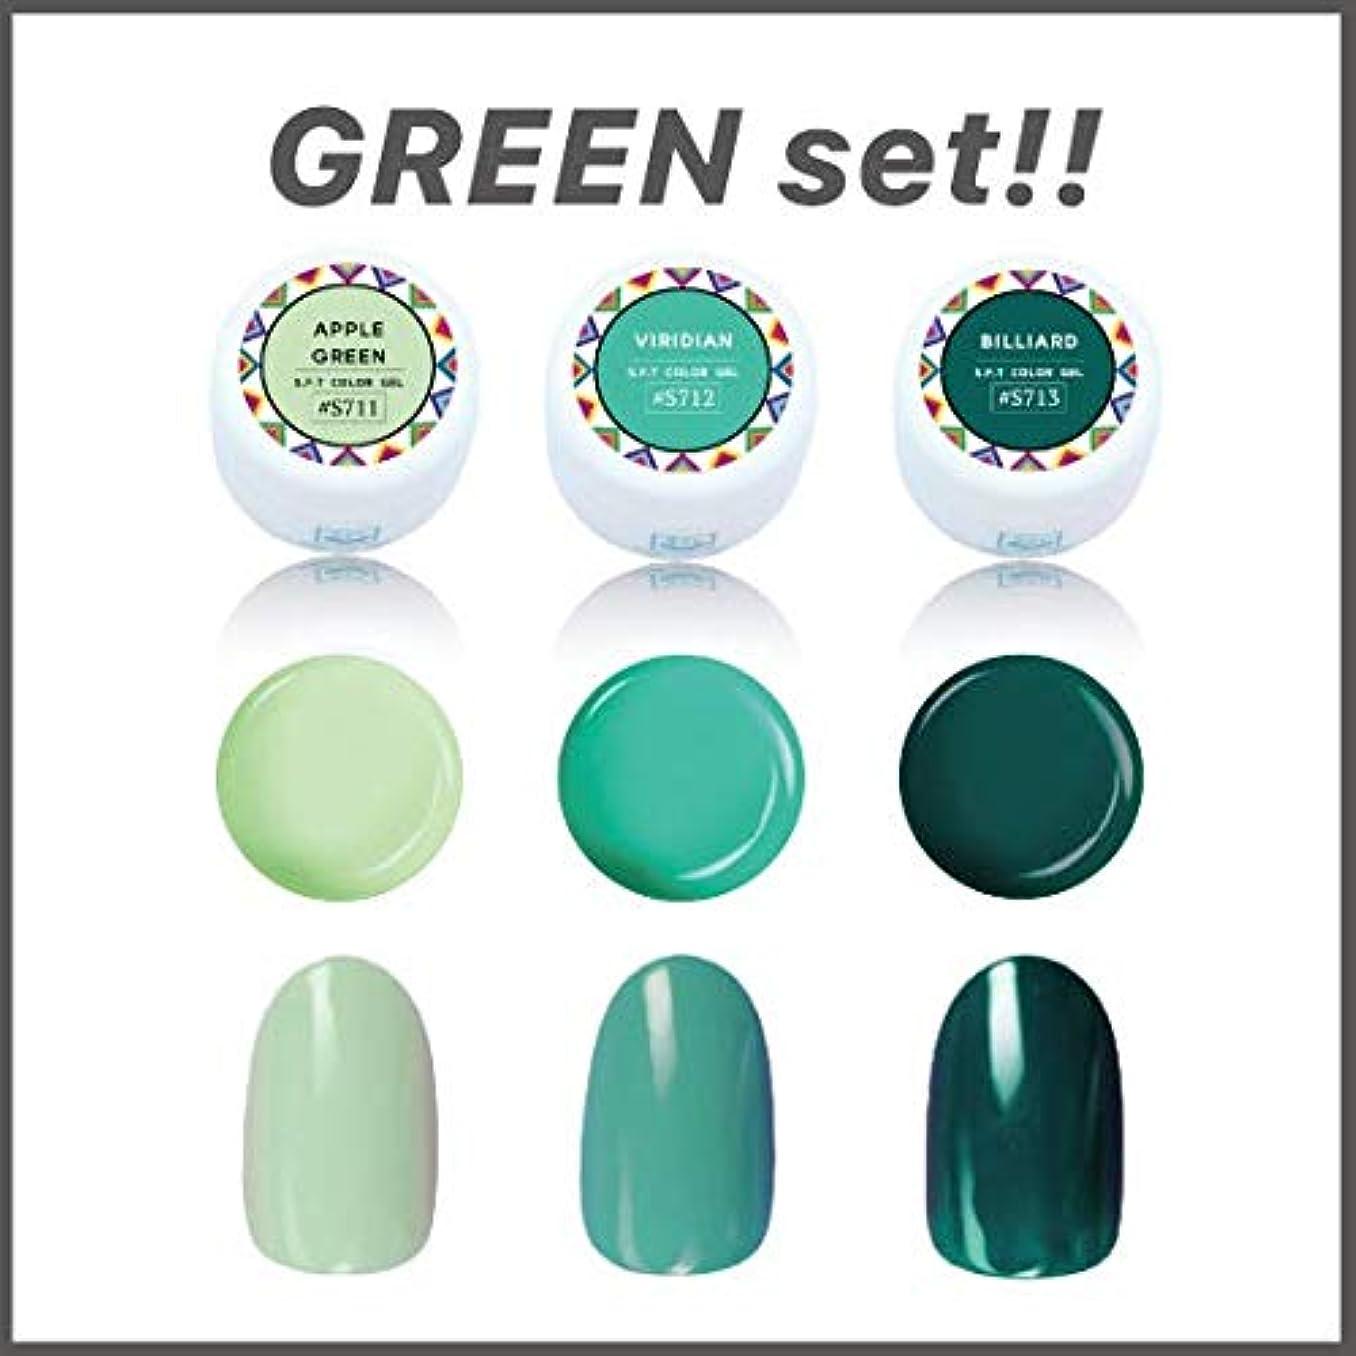 眼売り手農学日本製 ジェルネイル グリーンセット 3色セット FUNSIDË ファンサイド カラージェル グリーン 黄緑 ターコイズ